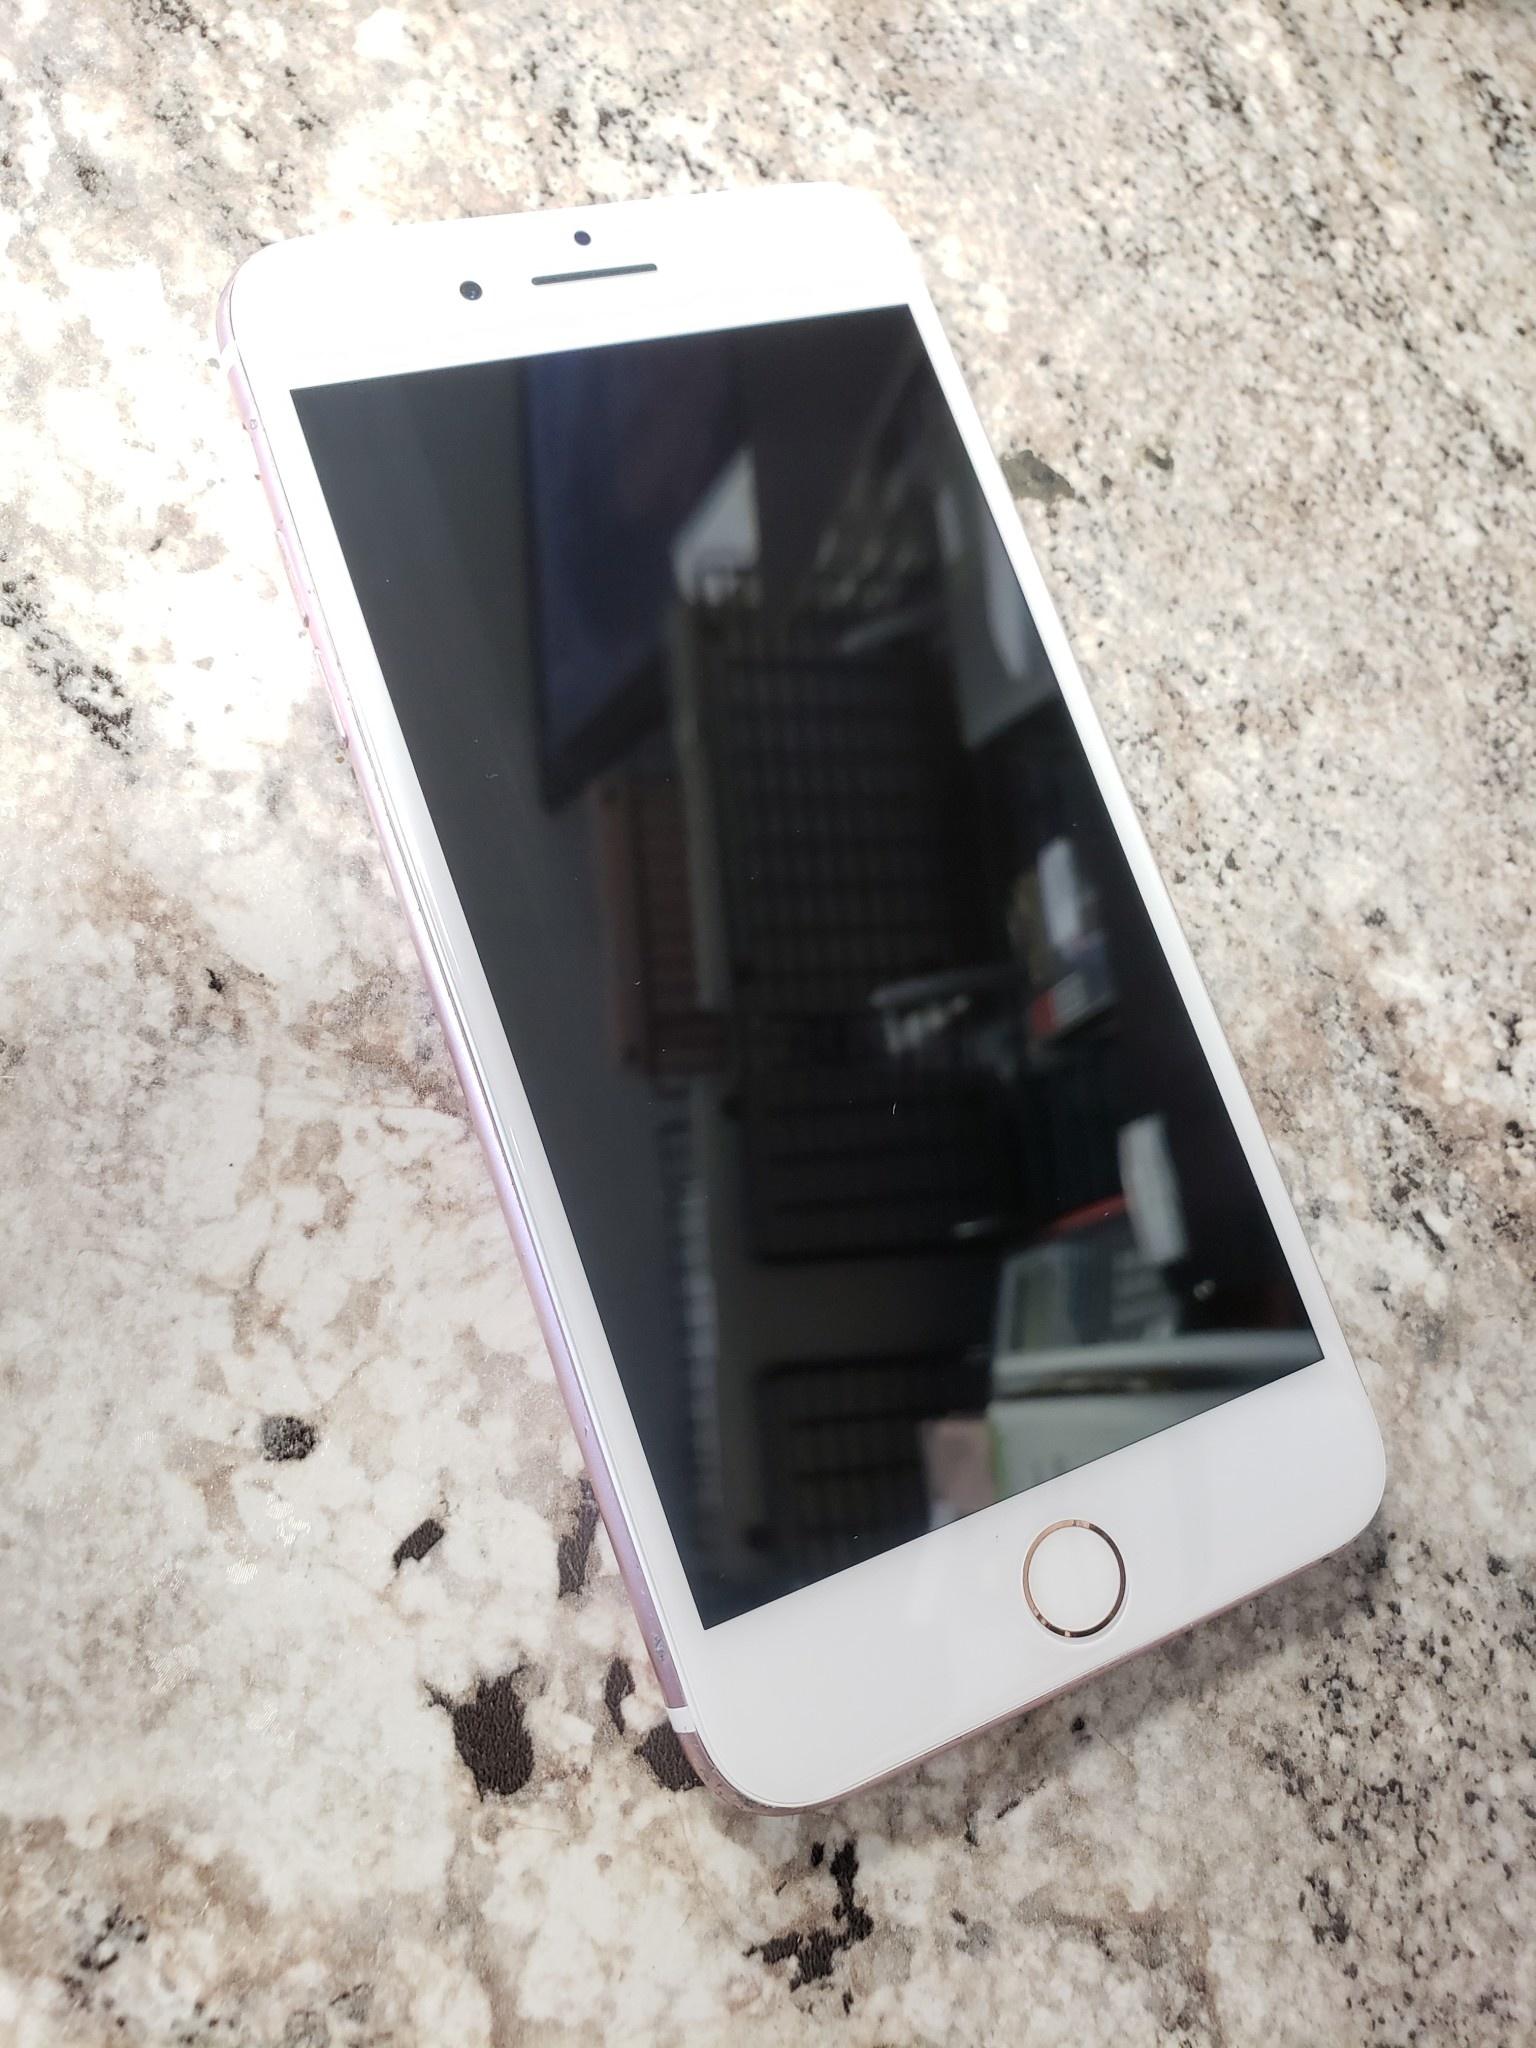 Unlocked - iPhone 7 Plus - 32GB - Rose Gold - Fair Condition